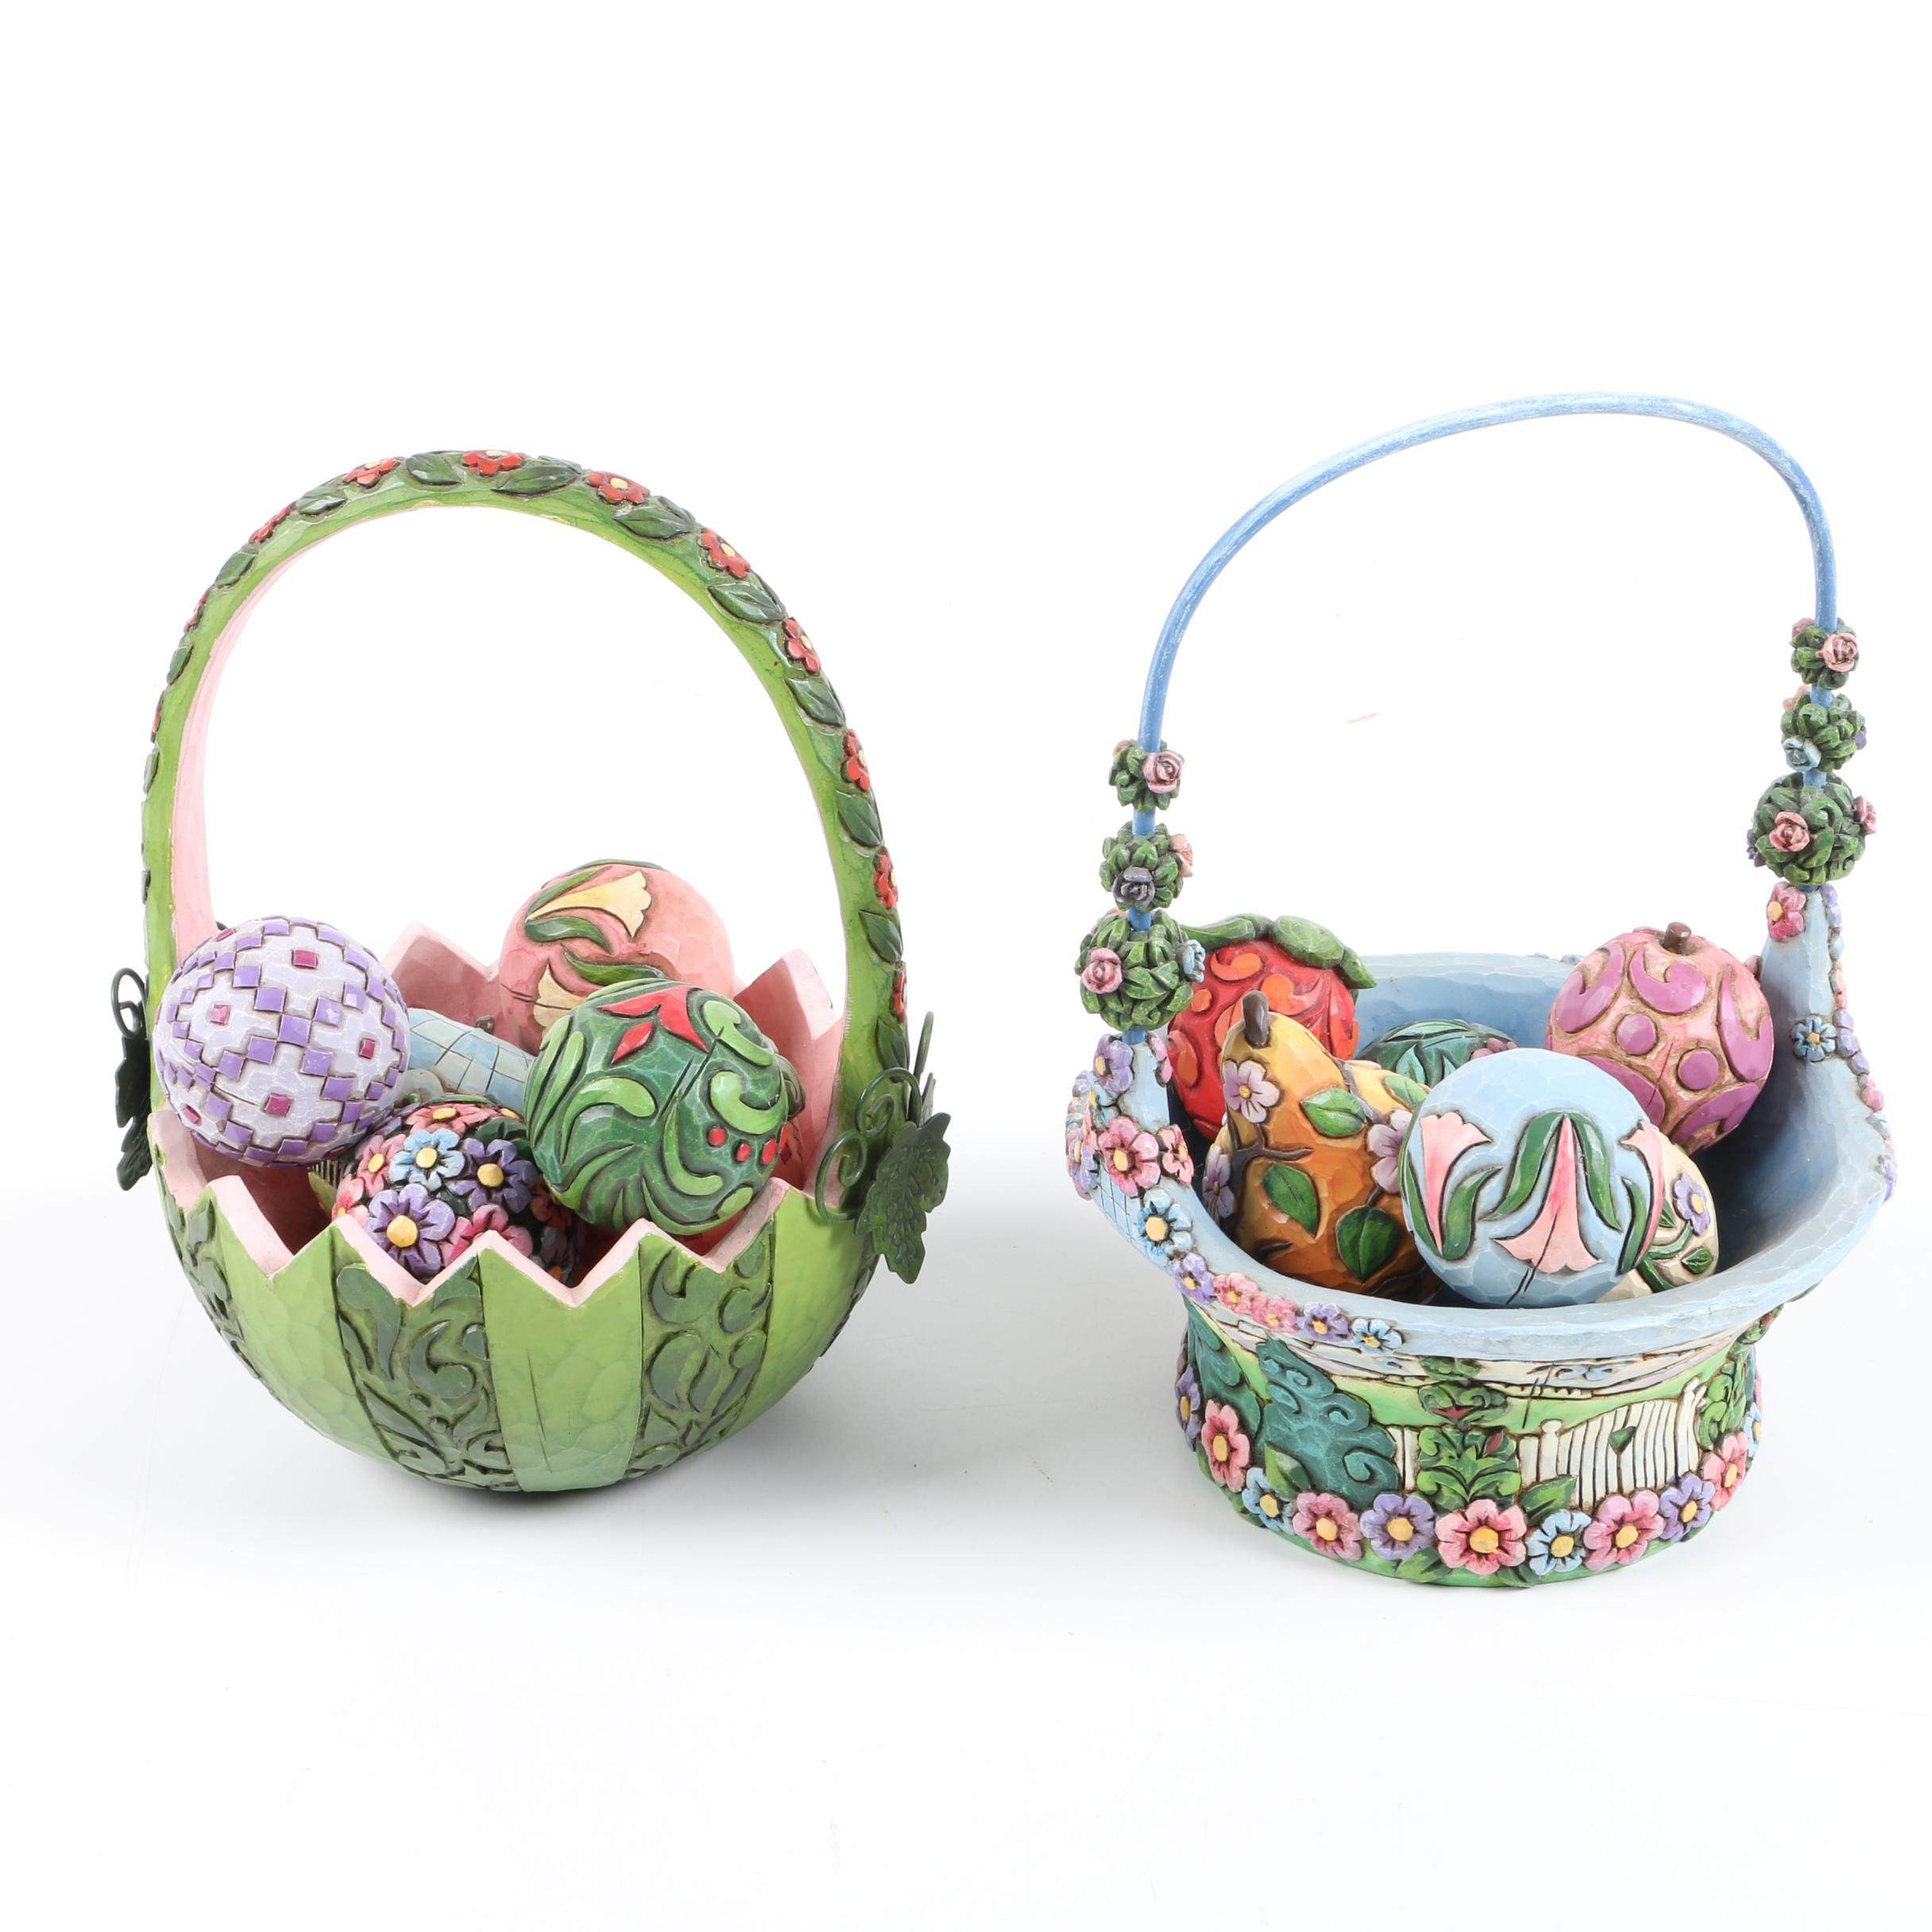 Jim Shore Decorative Easter Baskets